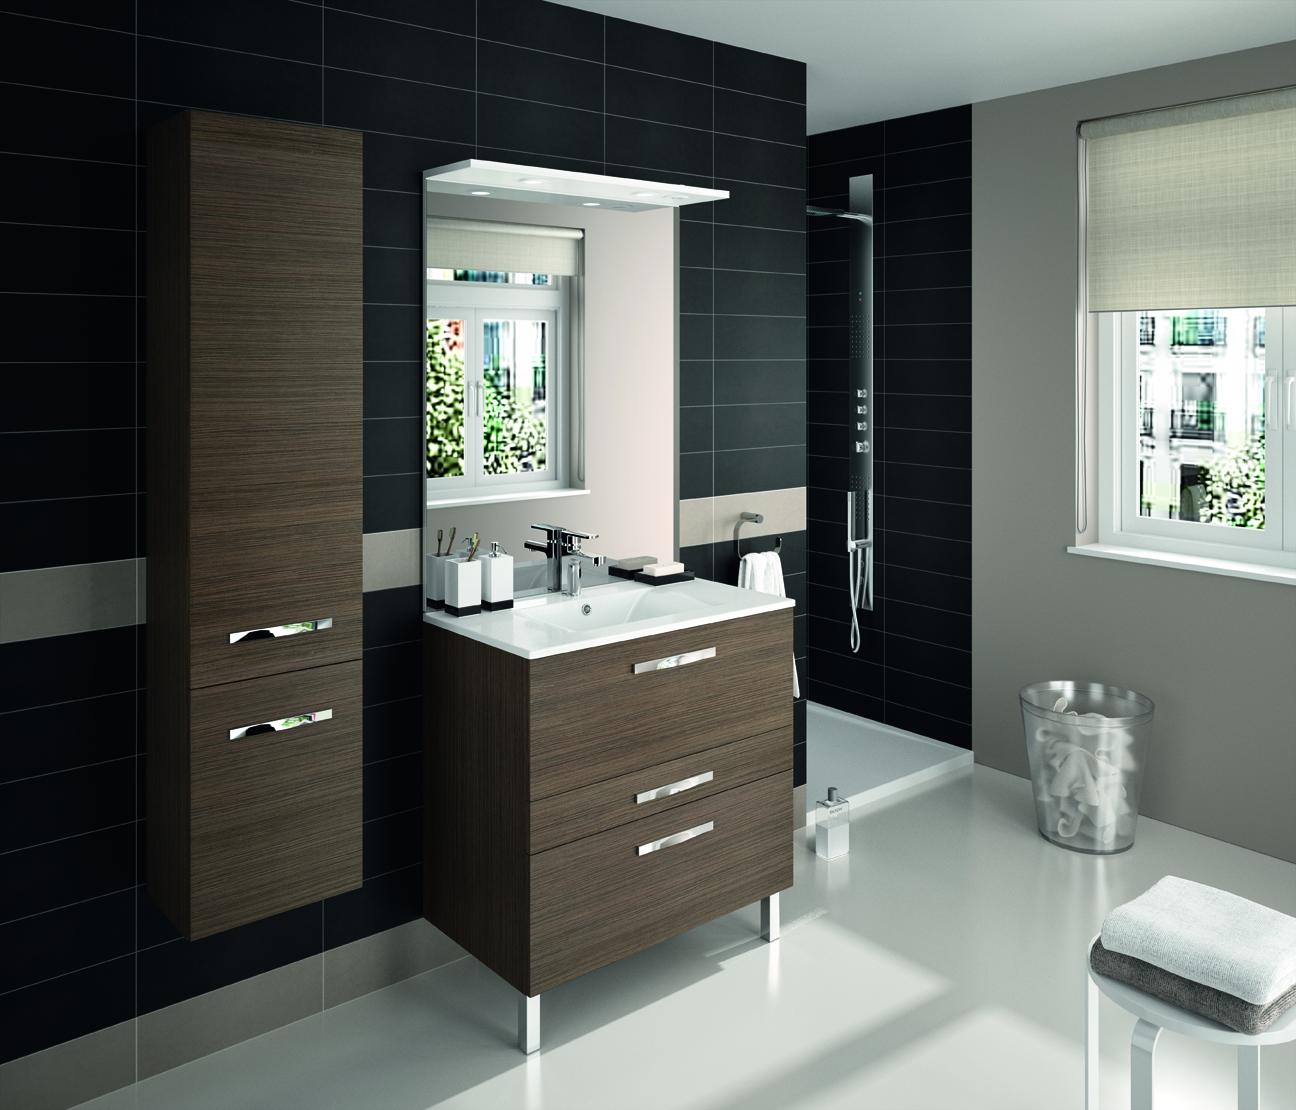 Meuble de salle de bain prefixe code tiroirs a poser for Meuble salle de bain aquarine